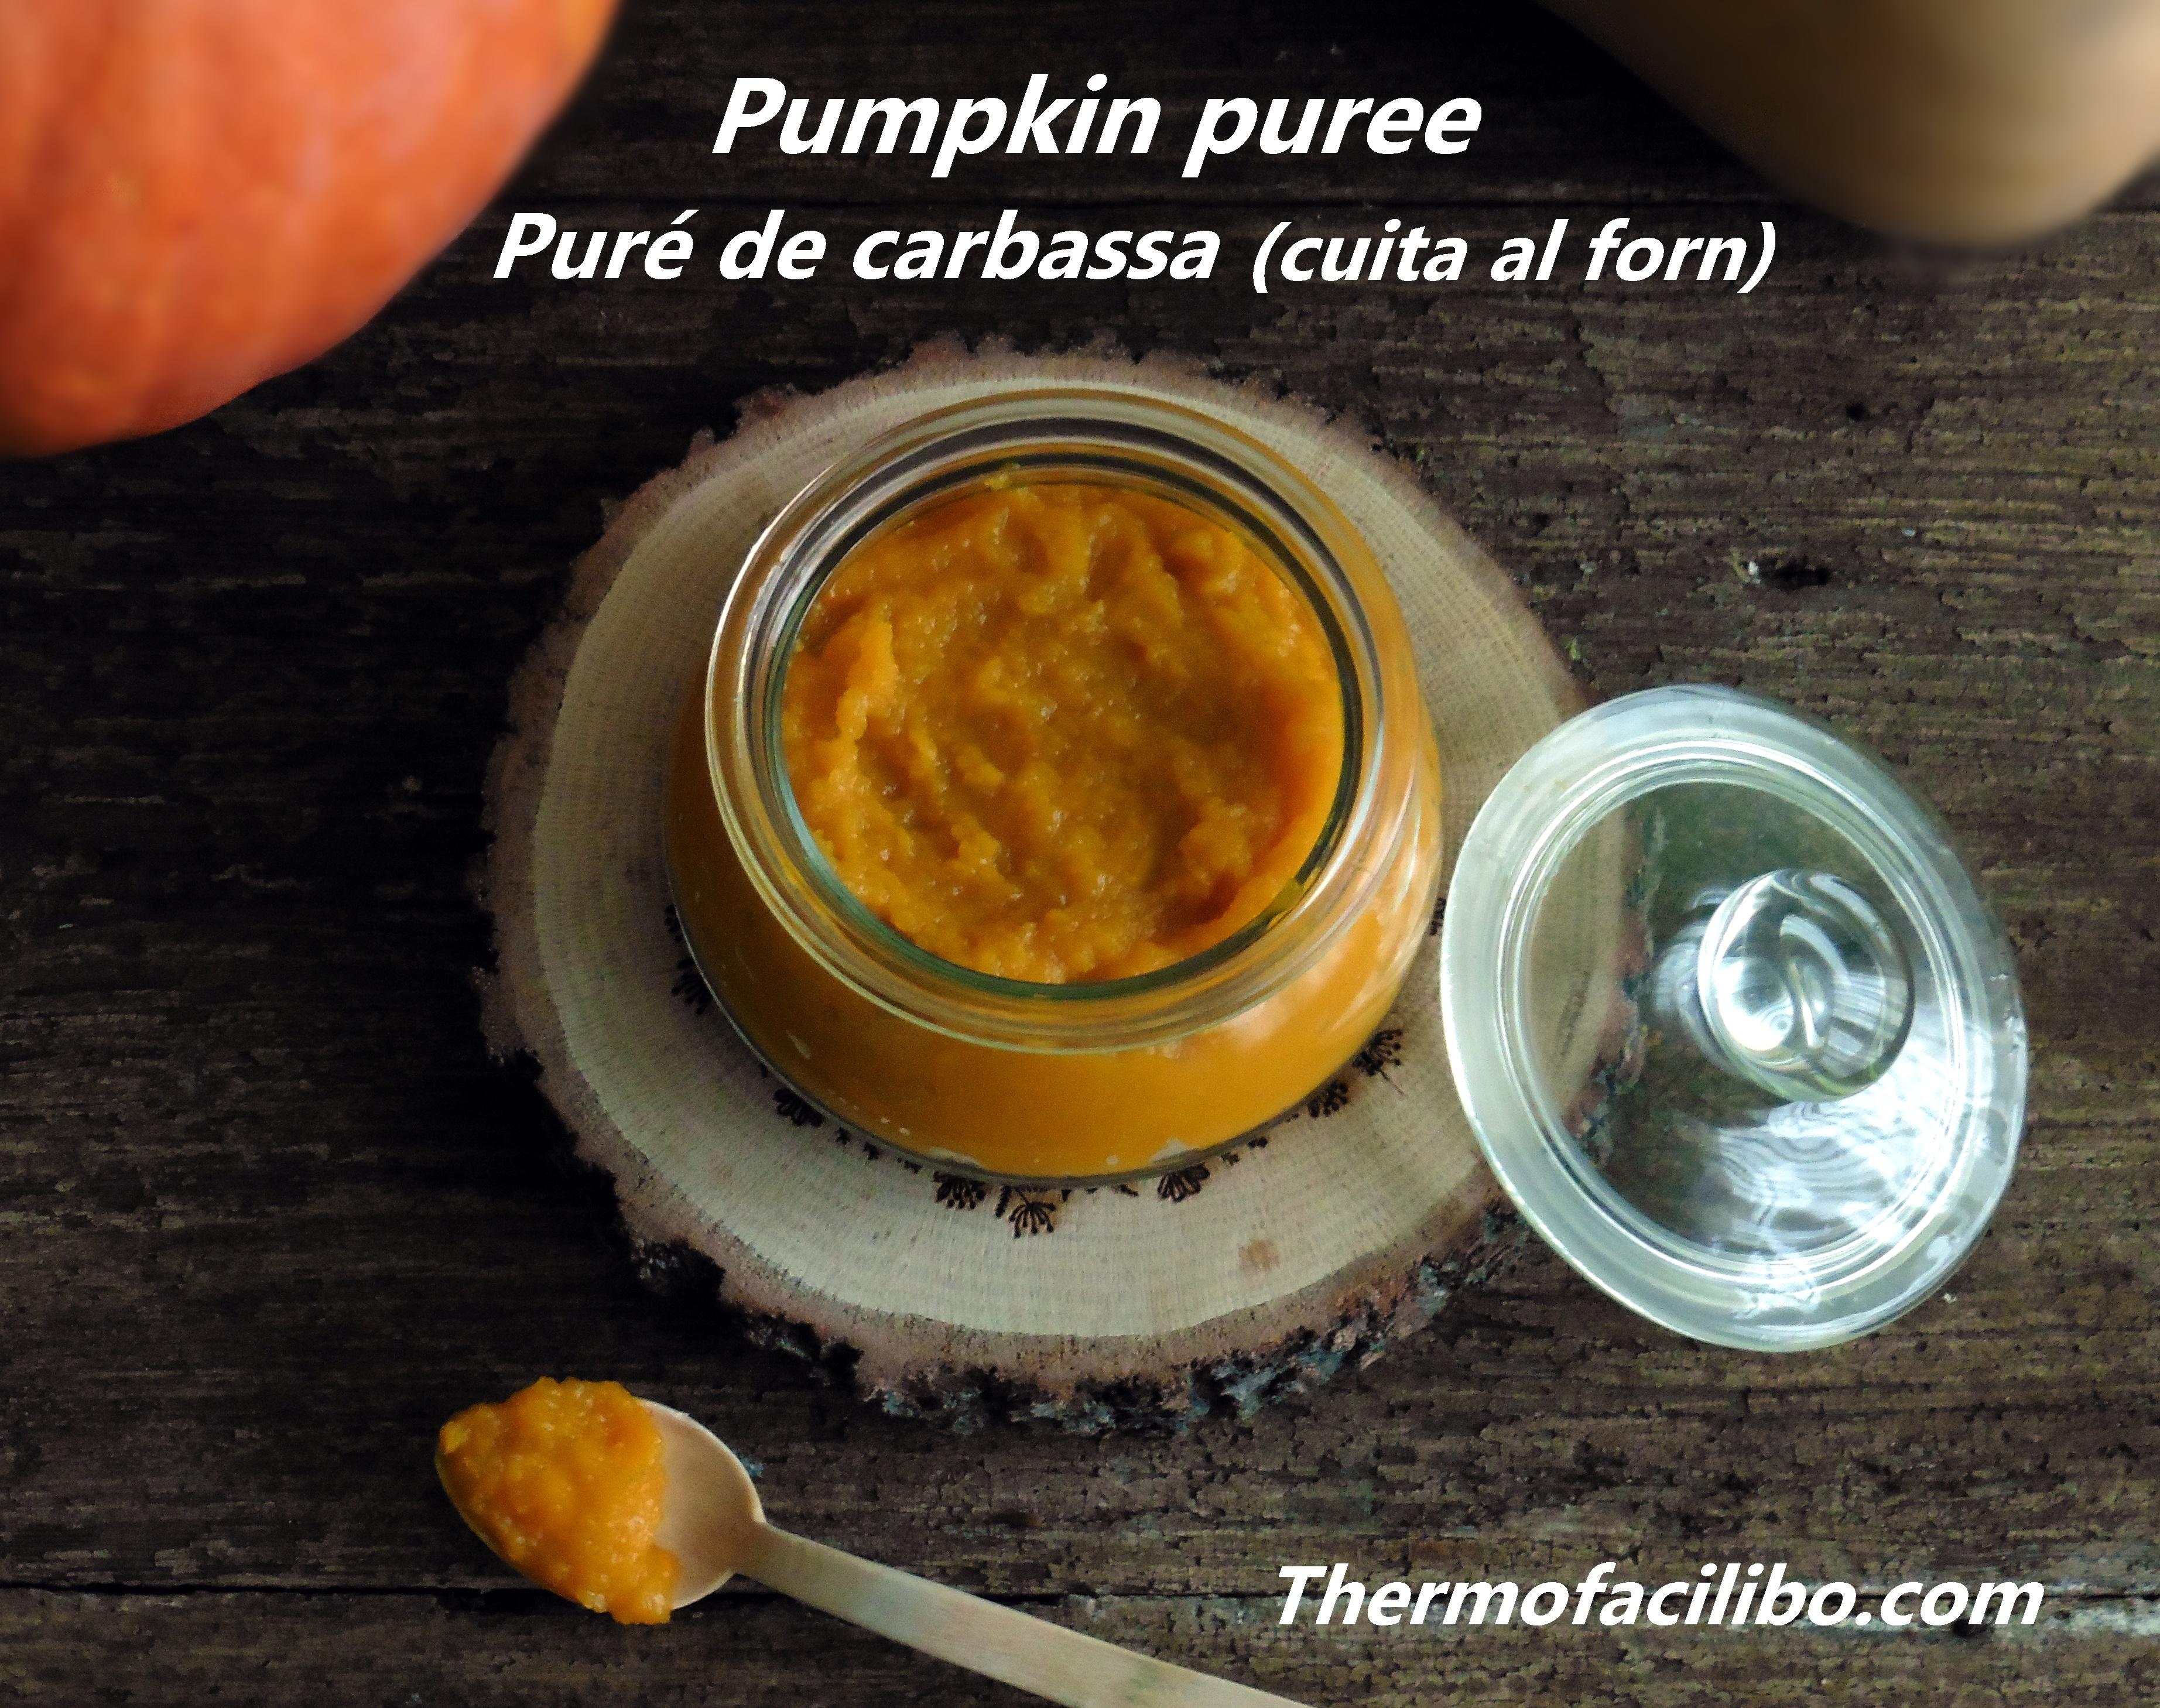 Pumpkin puree Puré de carbassa cuita al forn